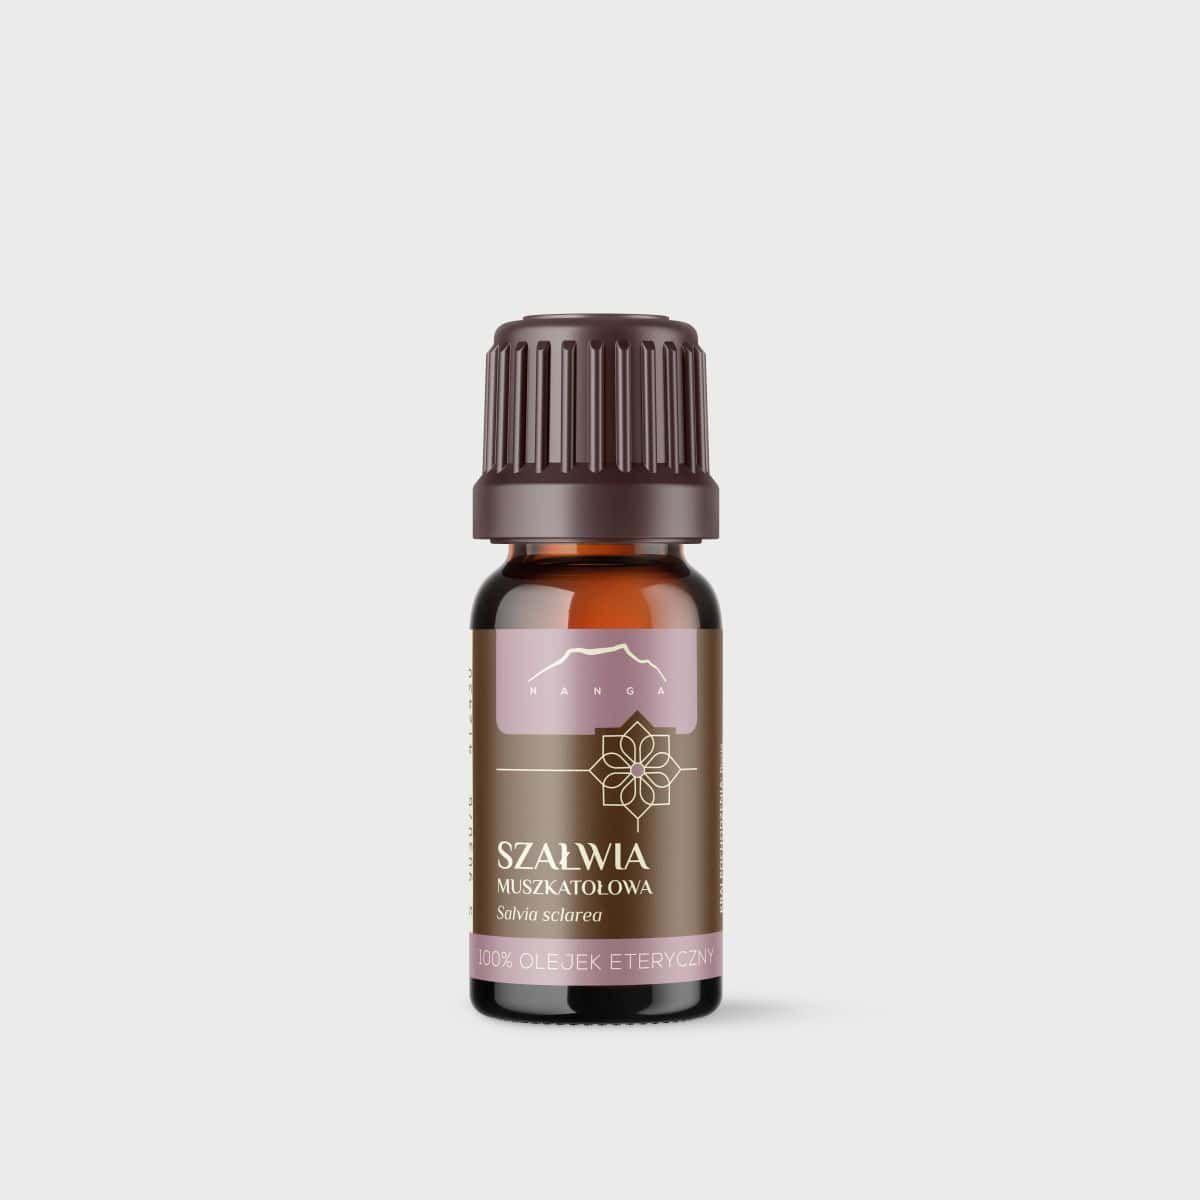 Olejek z szałwii muszkatołowej 100% eteryczny Nanga